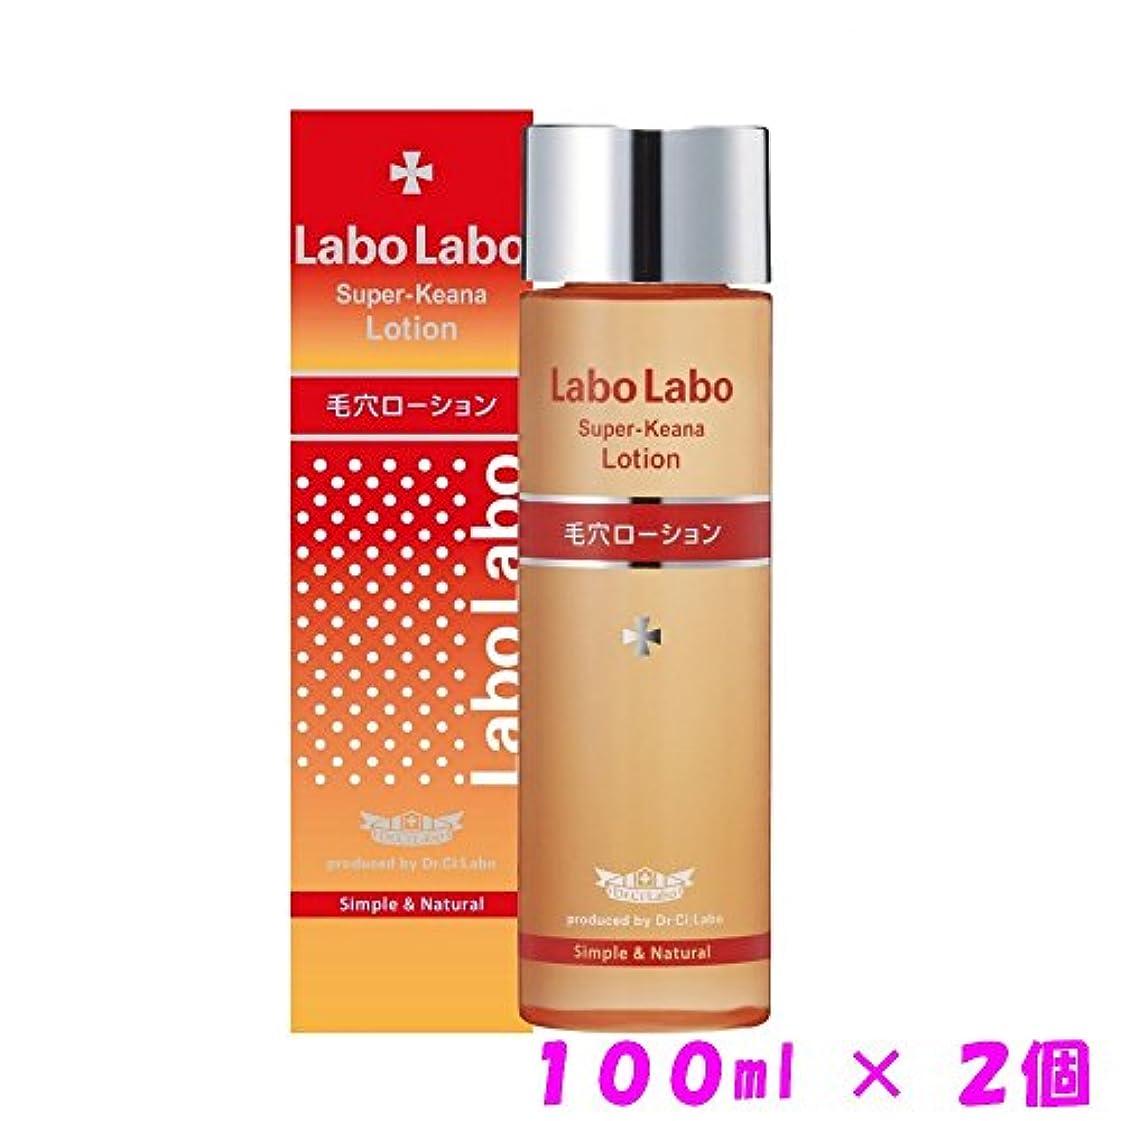 ますます支払うセールスマンLabo Labo ラボラボ スーパー毛穴ローション(ふきとり化粧水)100ml×2